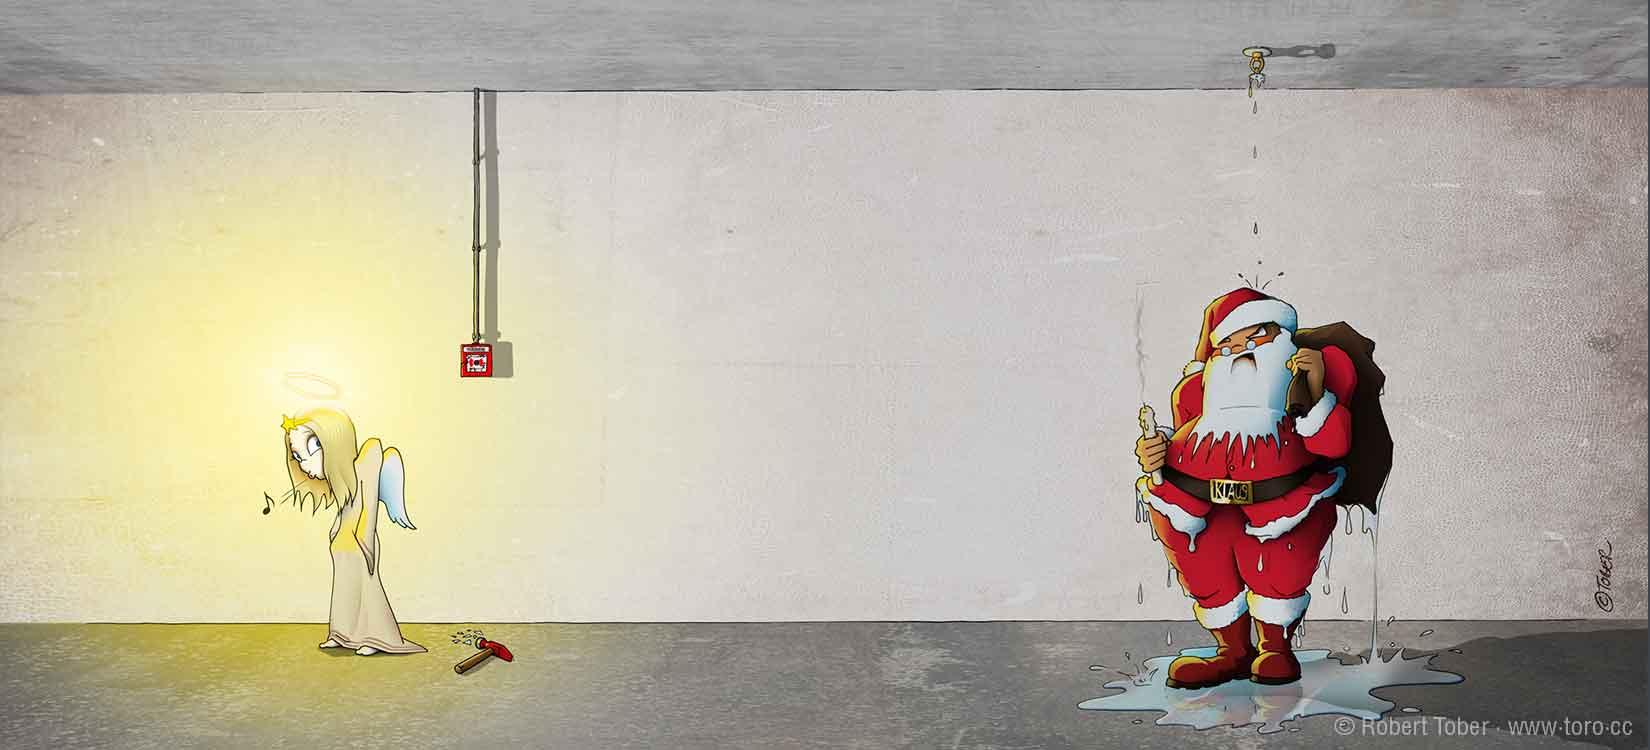 Das Christkind hat durch auslösen der Sprinkleranlage den Weihnachtsmann nass gemacht. Illustration von Robert Tober